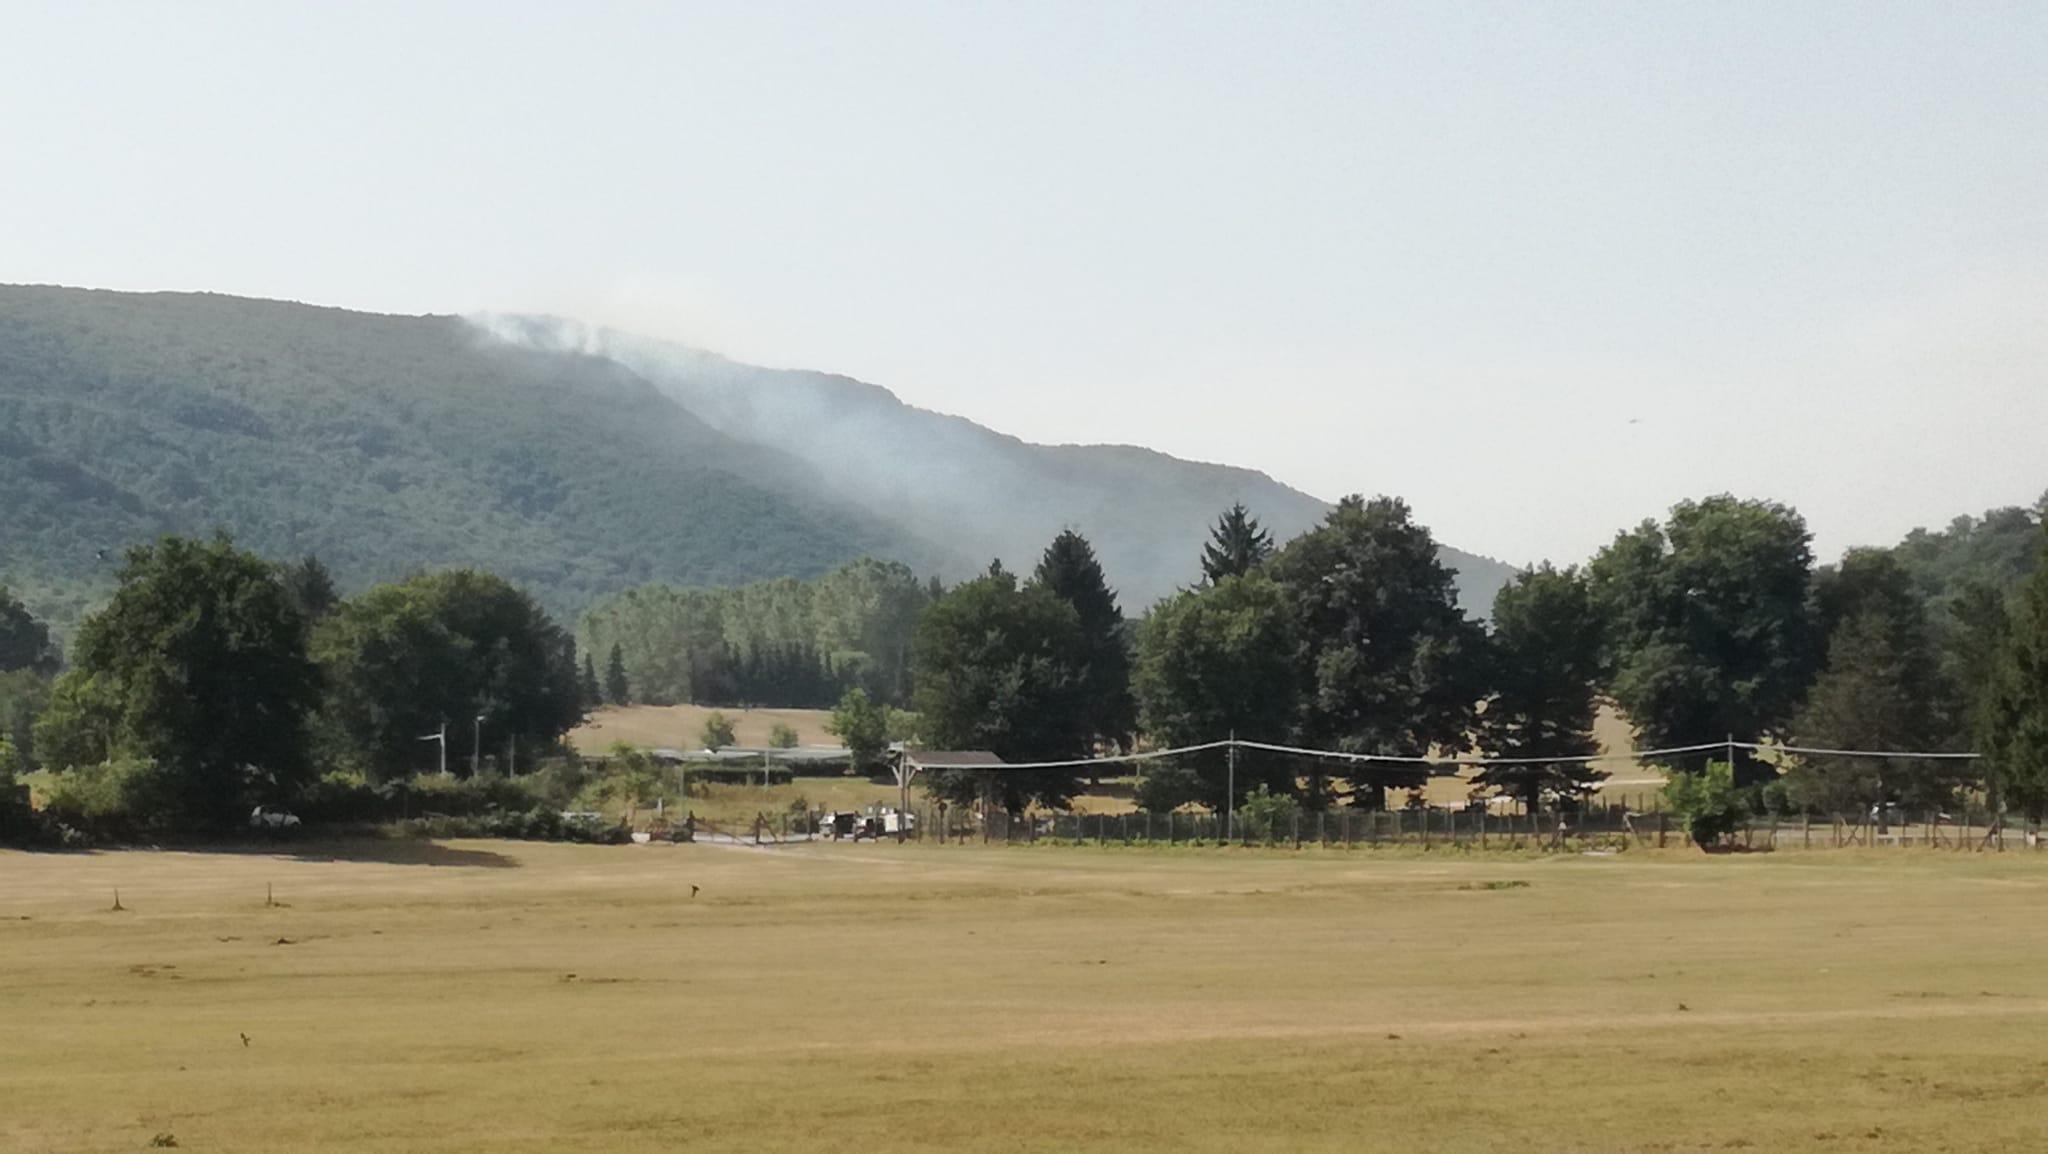 Velletri, si riaccendono i focolai su Monte Artemisio: di nuovo al lavoro Vigili del Fuoco, elicottero e volontari della Protezione Civile